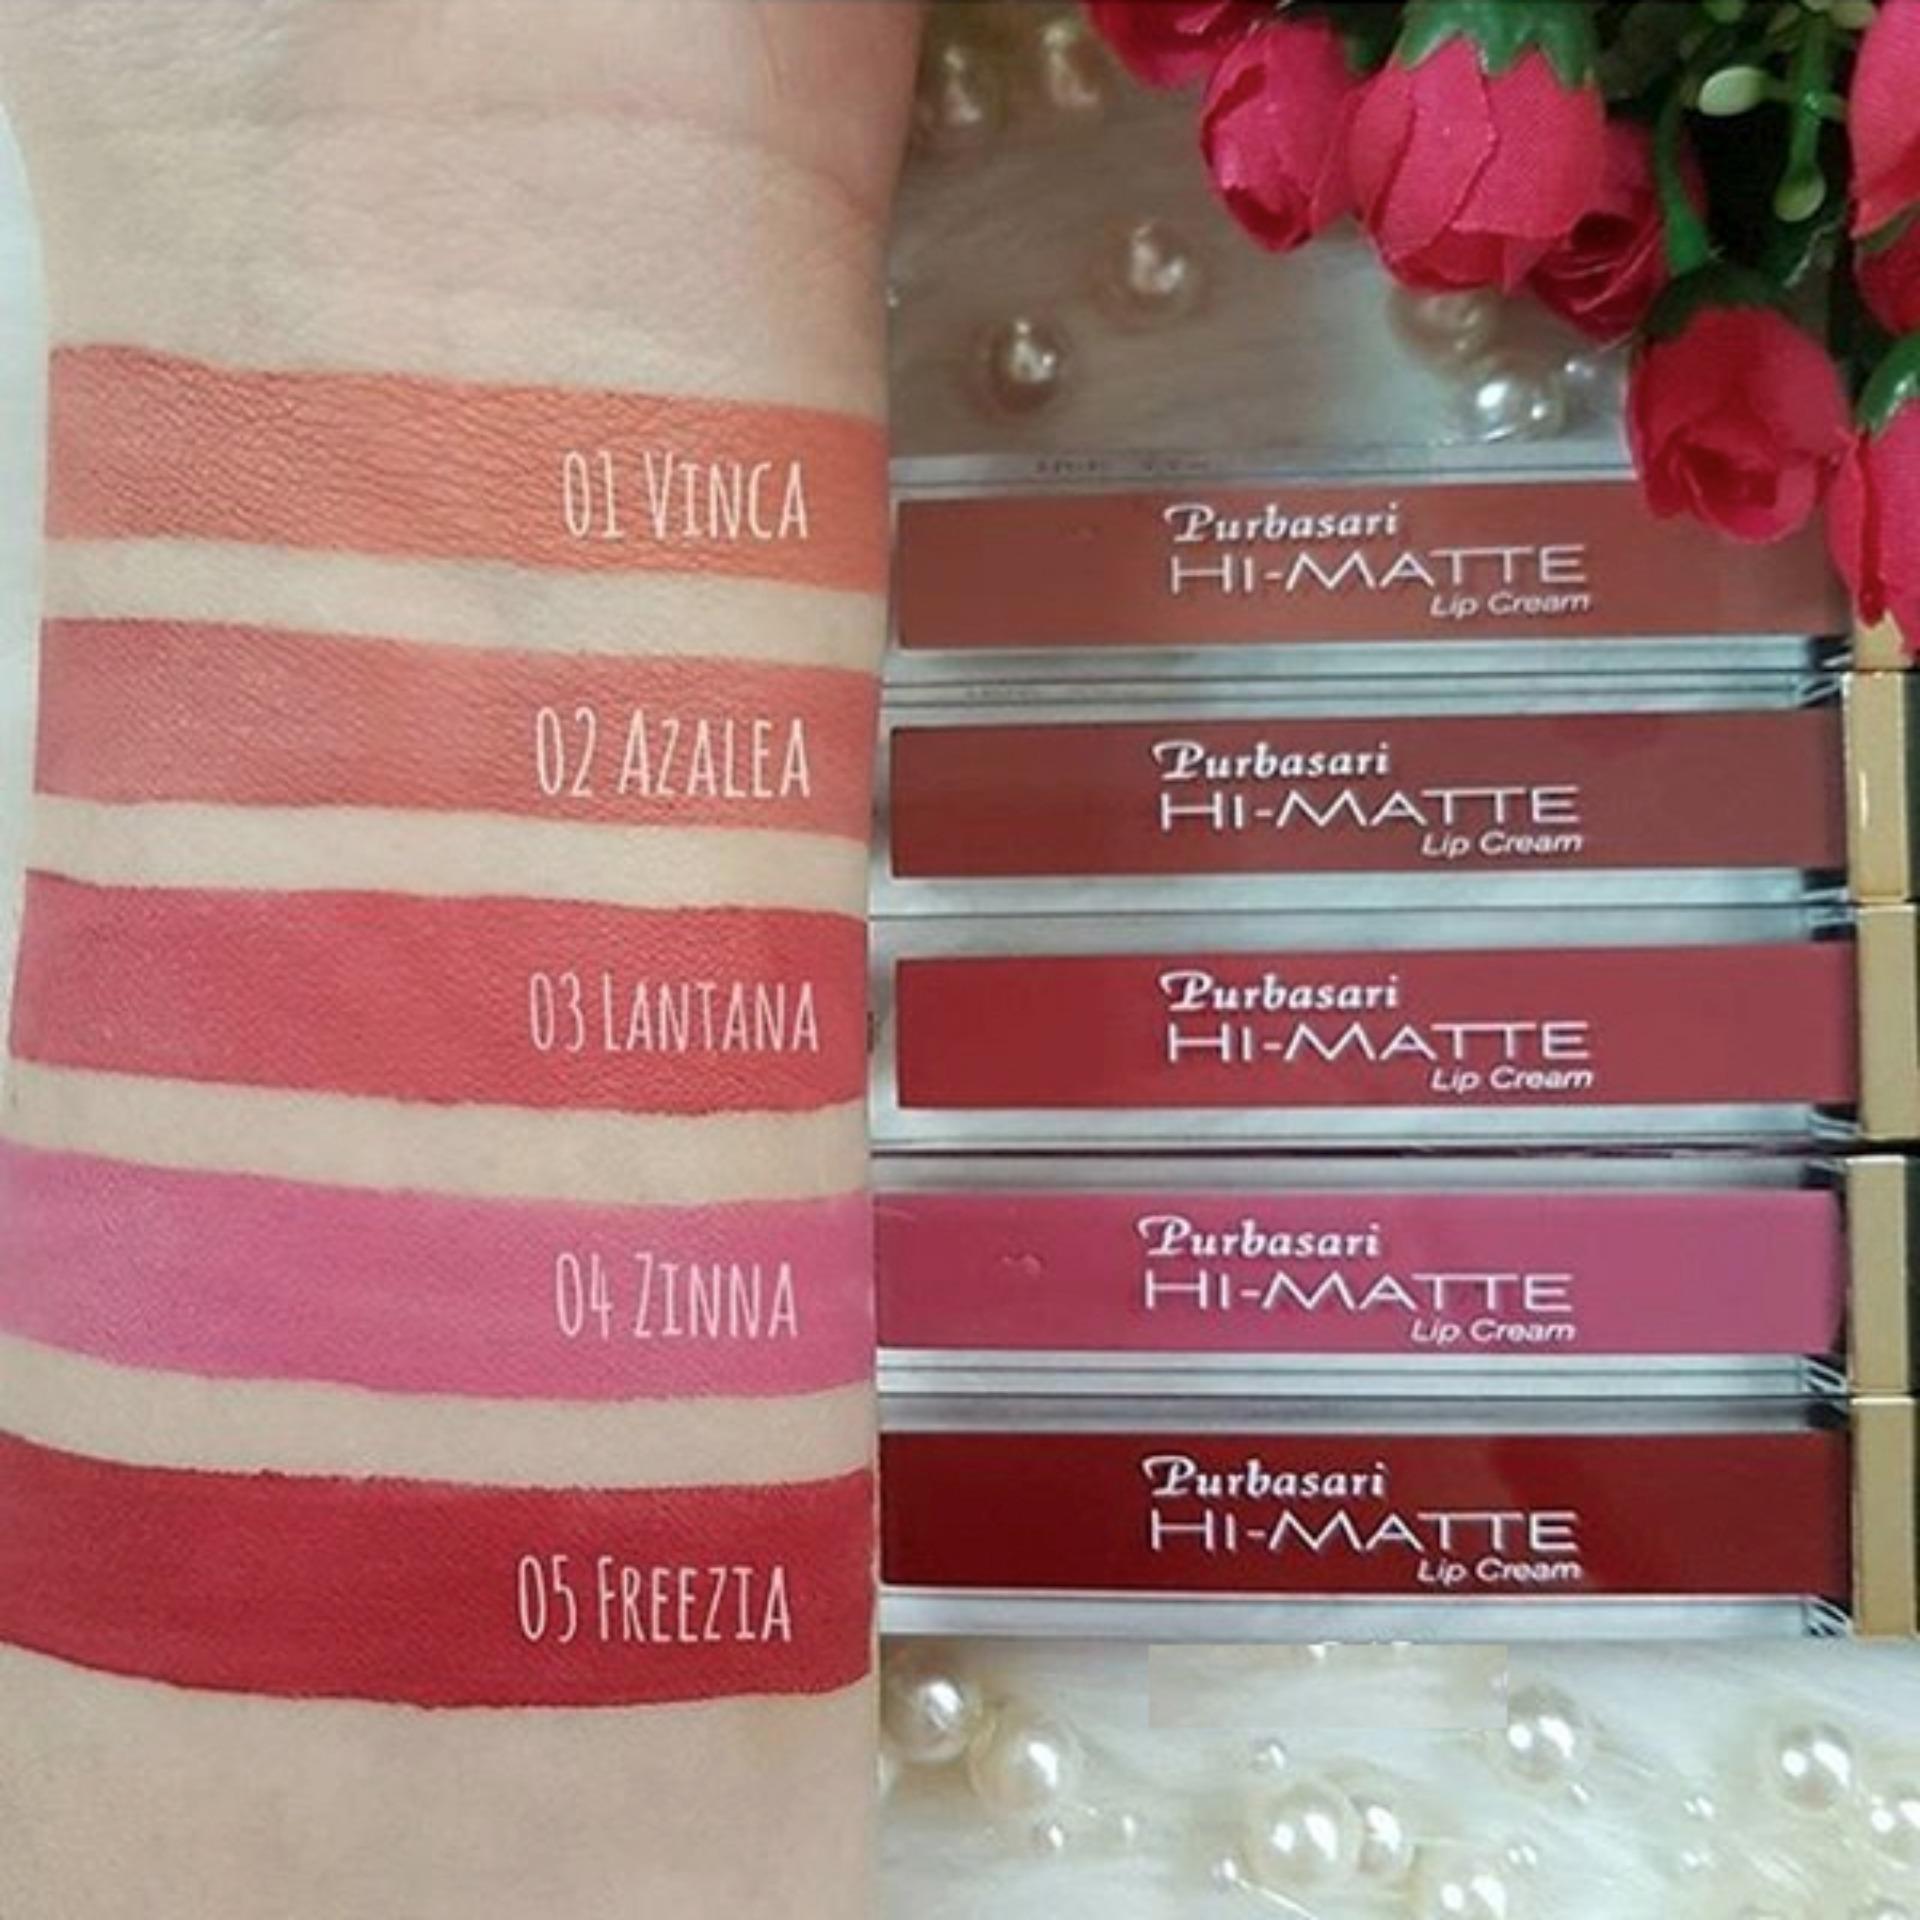 Purbasari Hi Matte Lip Cream 02 Azalea Gratis Bioaqua Masker Bibir Pink 01 Vinca